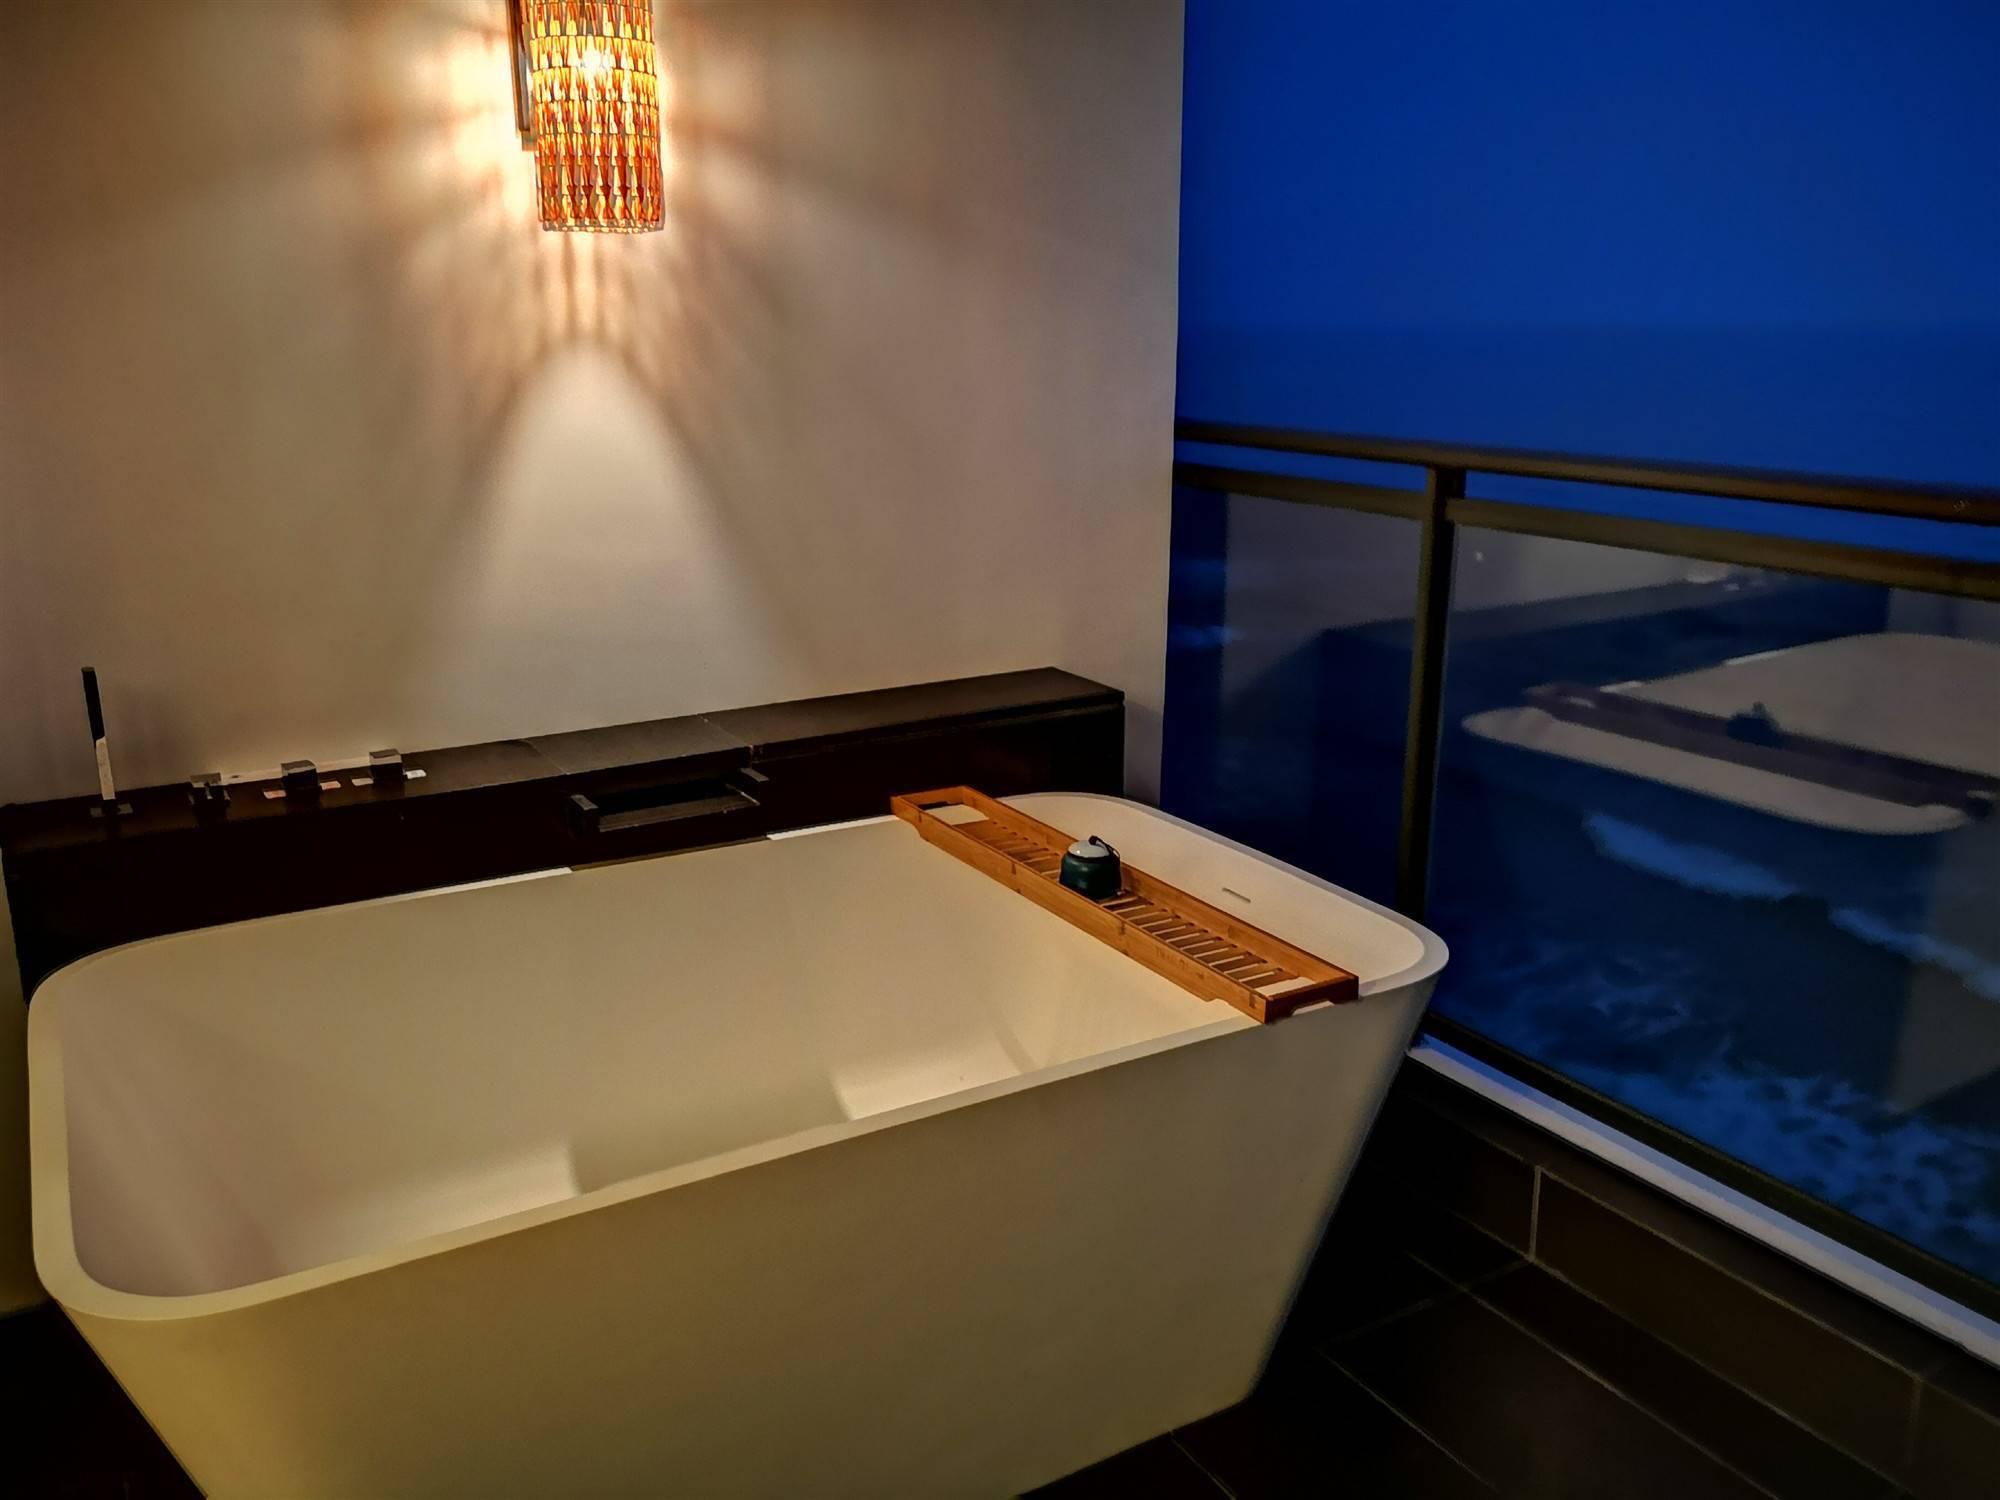 【限时抢购】全家出游,海边度假!¥750抢惠州双月湾檀悦都喜天丽度假酒店天逸亲子全海景套房,2大1小自助早餐+温泉,打卡网红酒店~有效期至2021年5月31日~